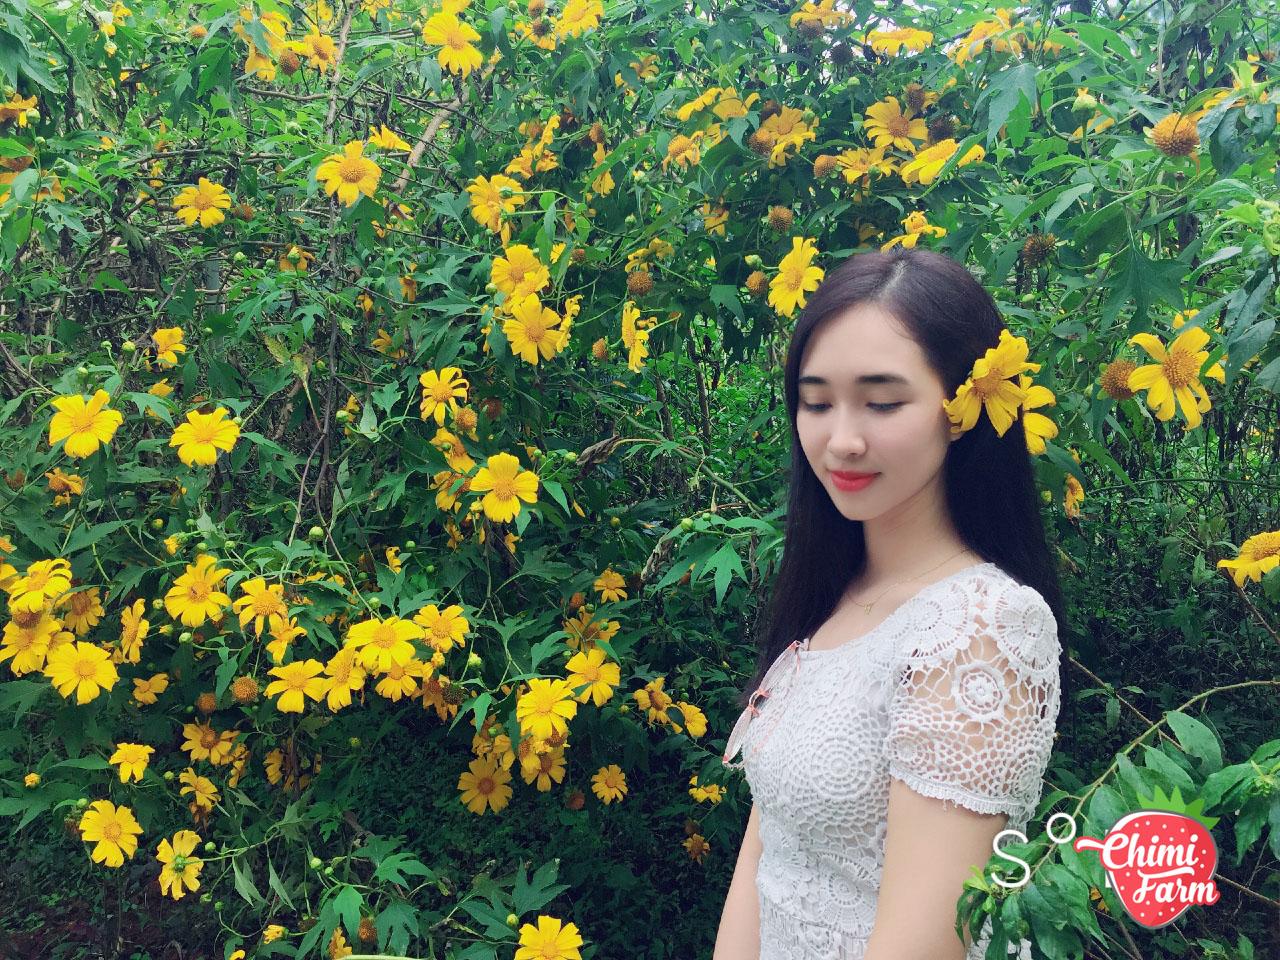 Tháng 11 là thời điểm hoa dã quỳ Mộc Châu nở rực rỡ nhất